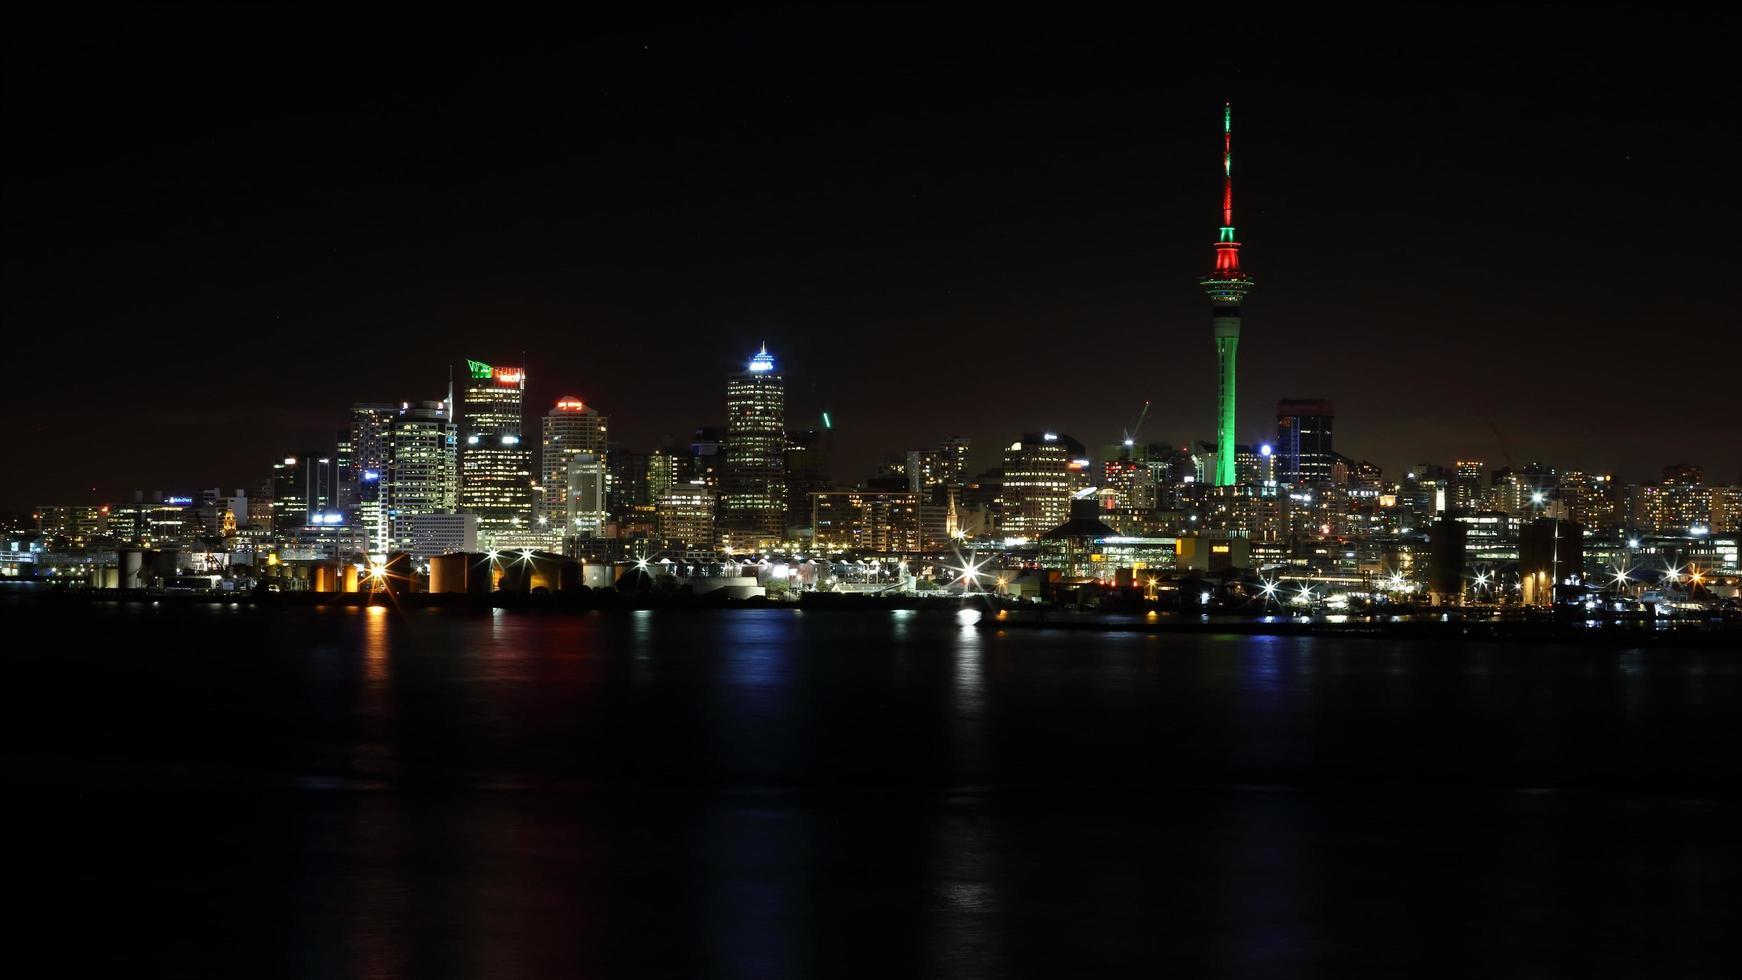 hoge gebouwen tijdens de nacht foto